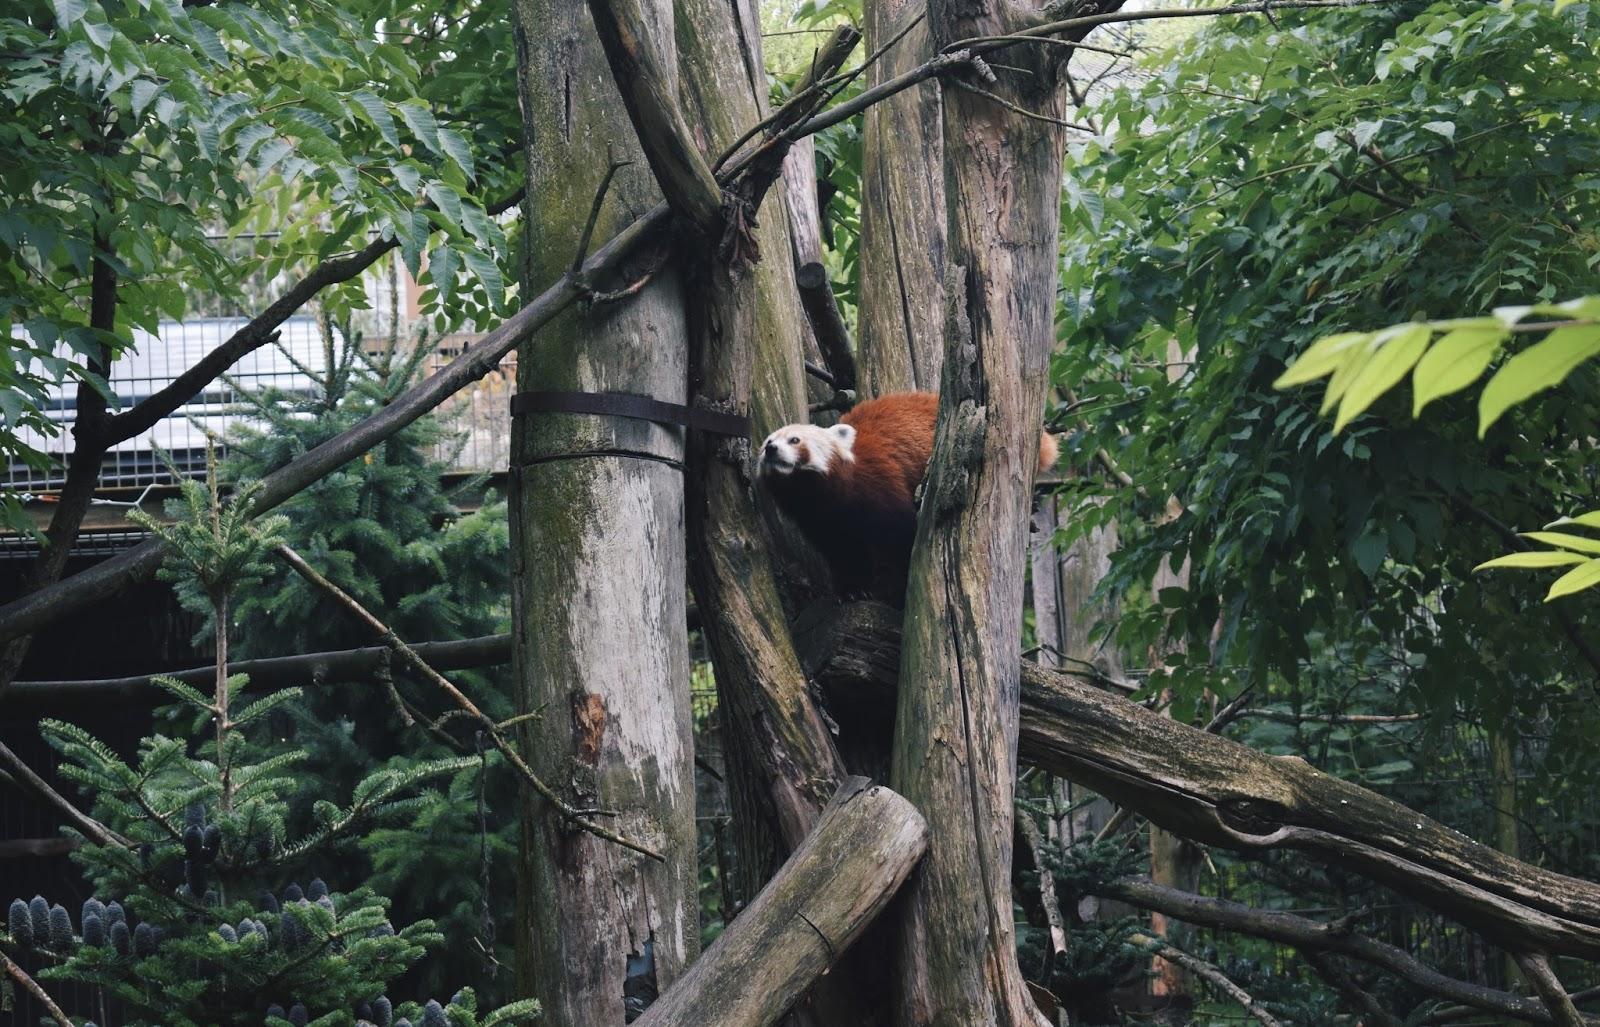 korkeasaari pikkupanda eläintarha kotimaanmatkailu matkailu matkustaminen helsinki suomi